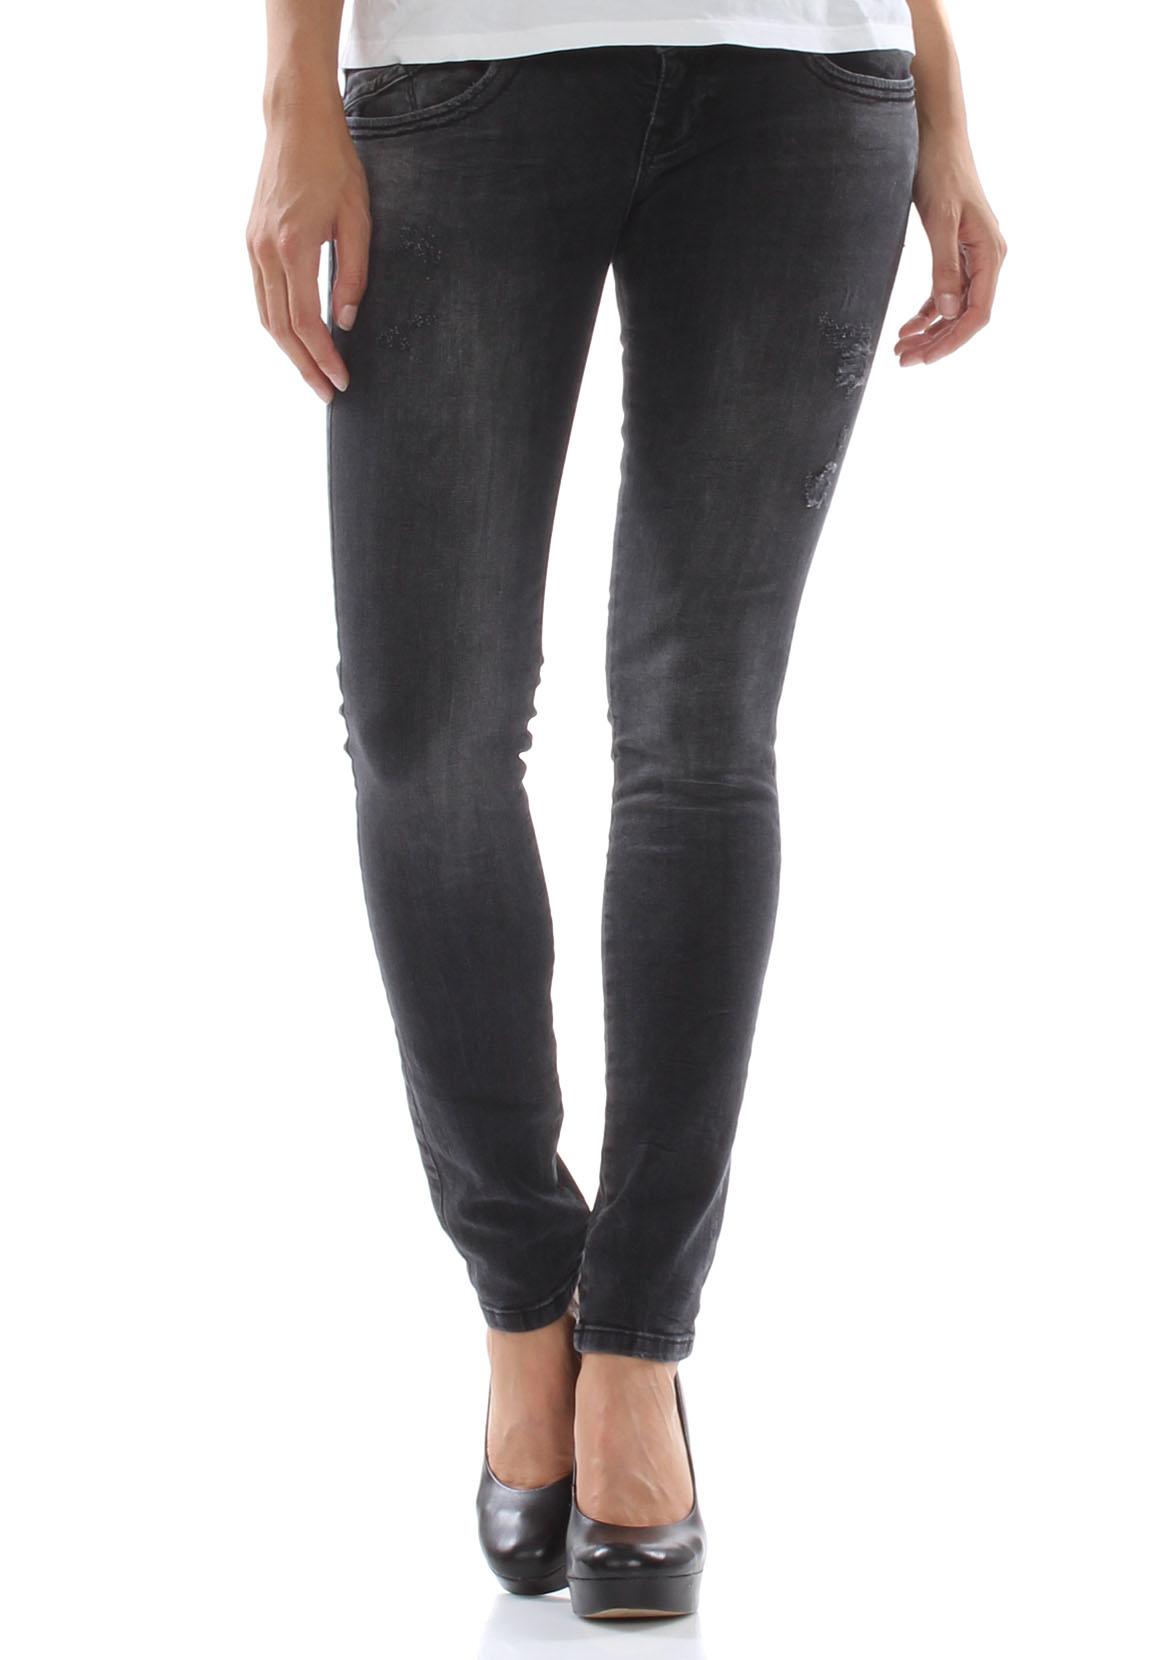 ltb jeans women molly vista black wash damen jeans hosen. Black Bedroom Furniture Sets. Home Design Ideas